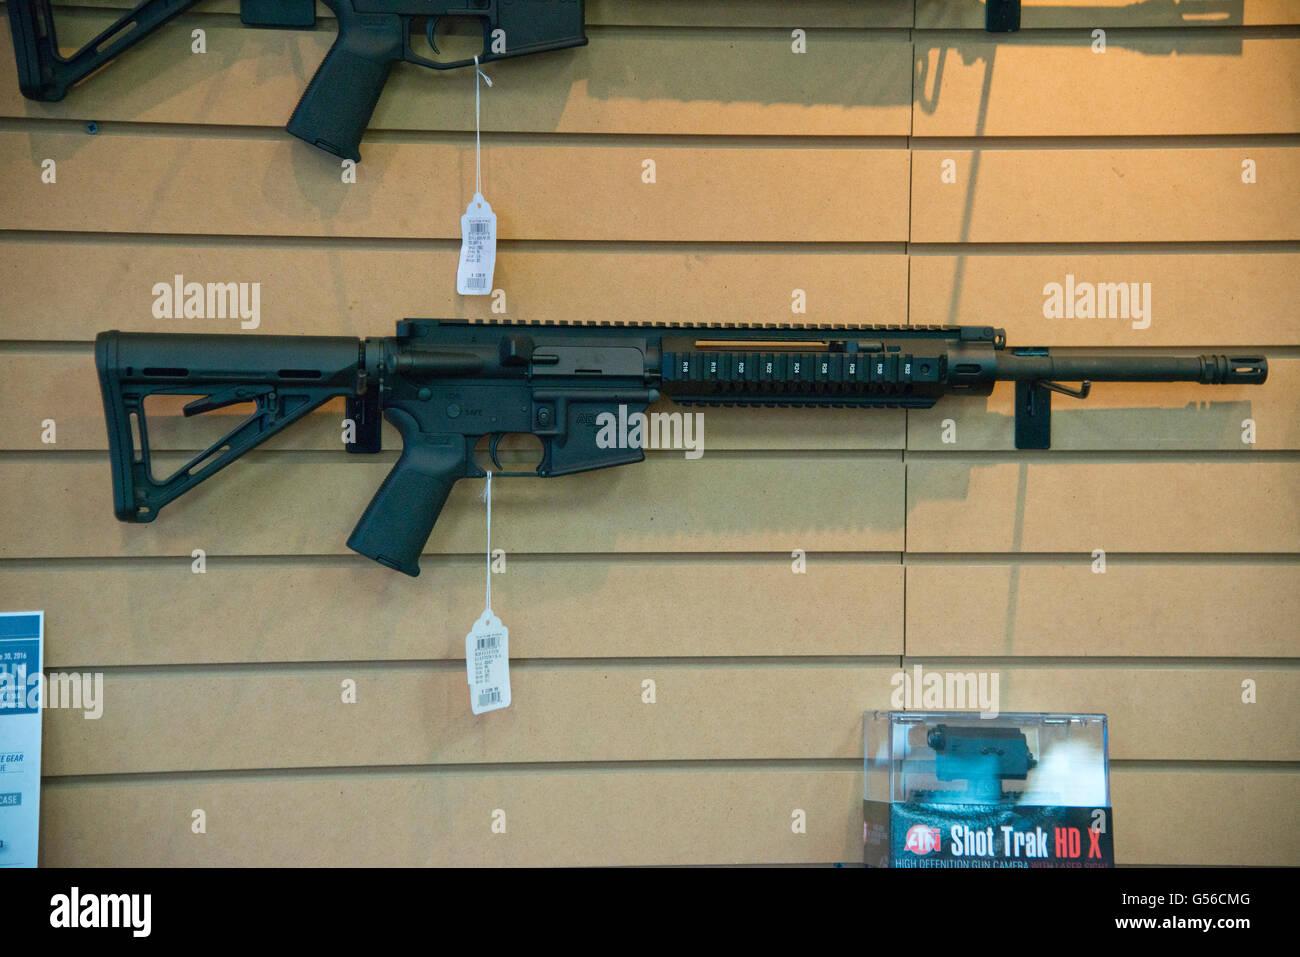 Angriff Waffe Waffen Schiessen Stockfotos Und Bilder Kaufen Alamy